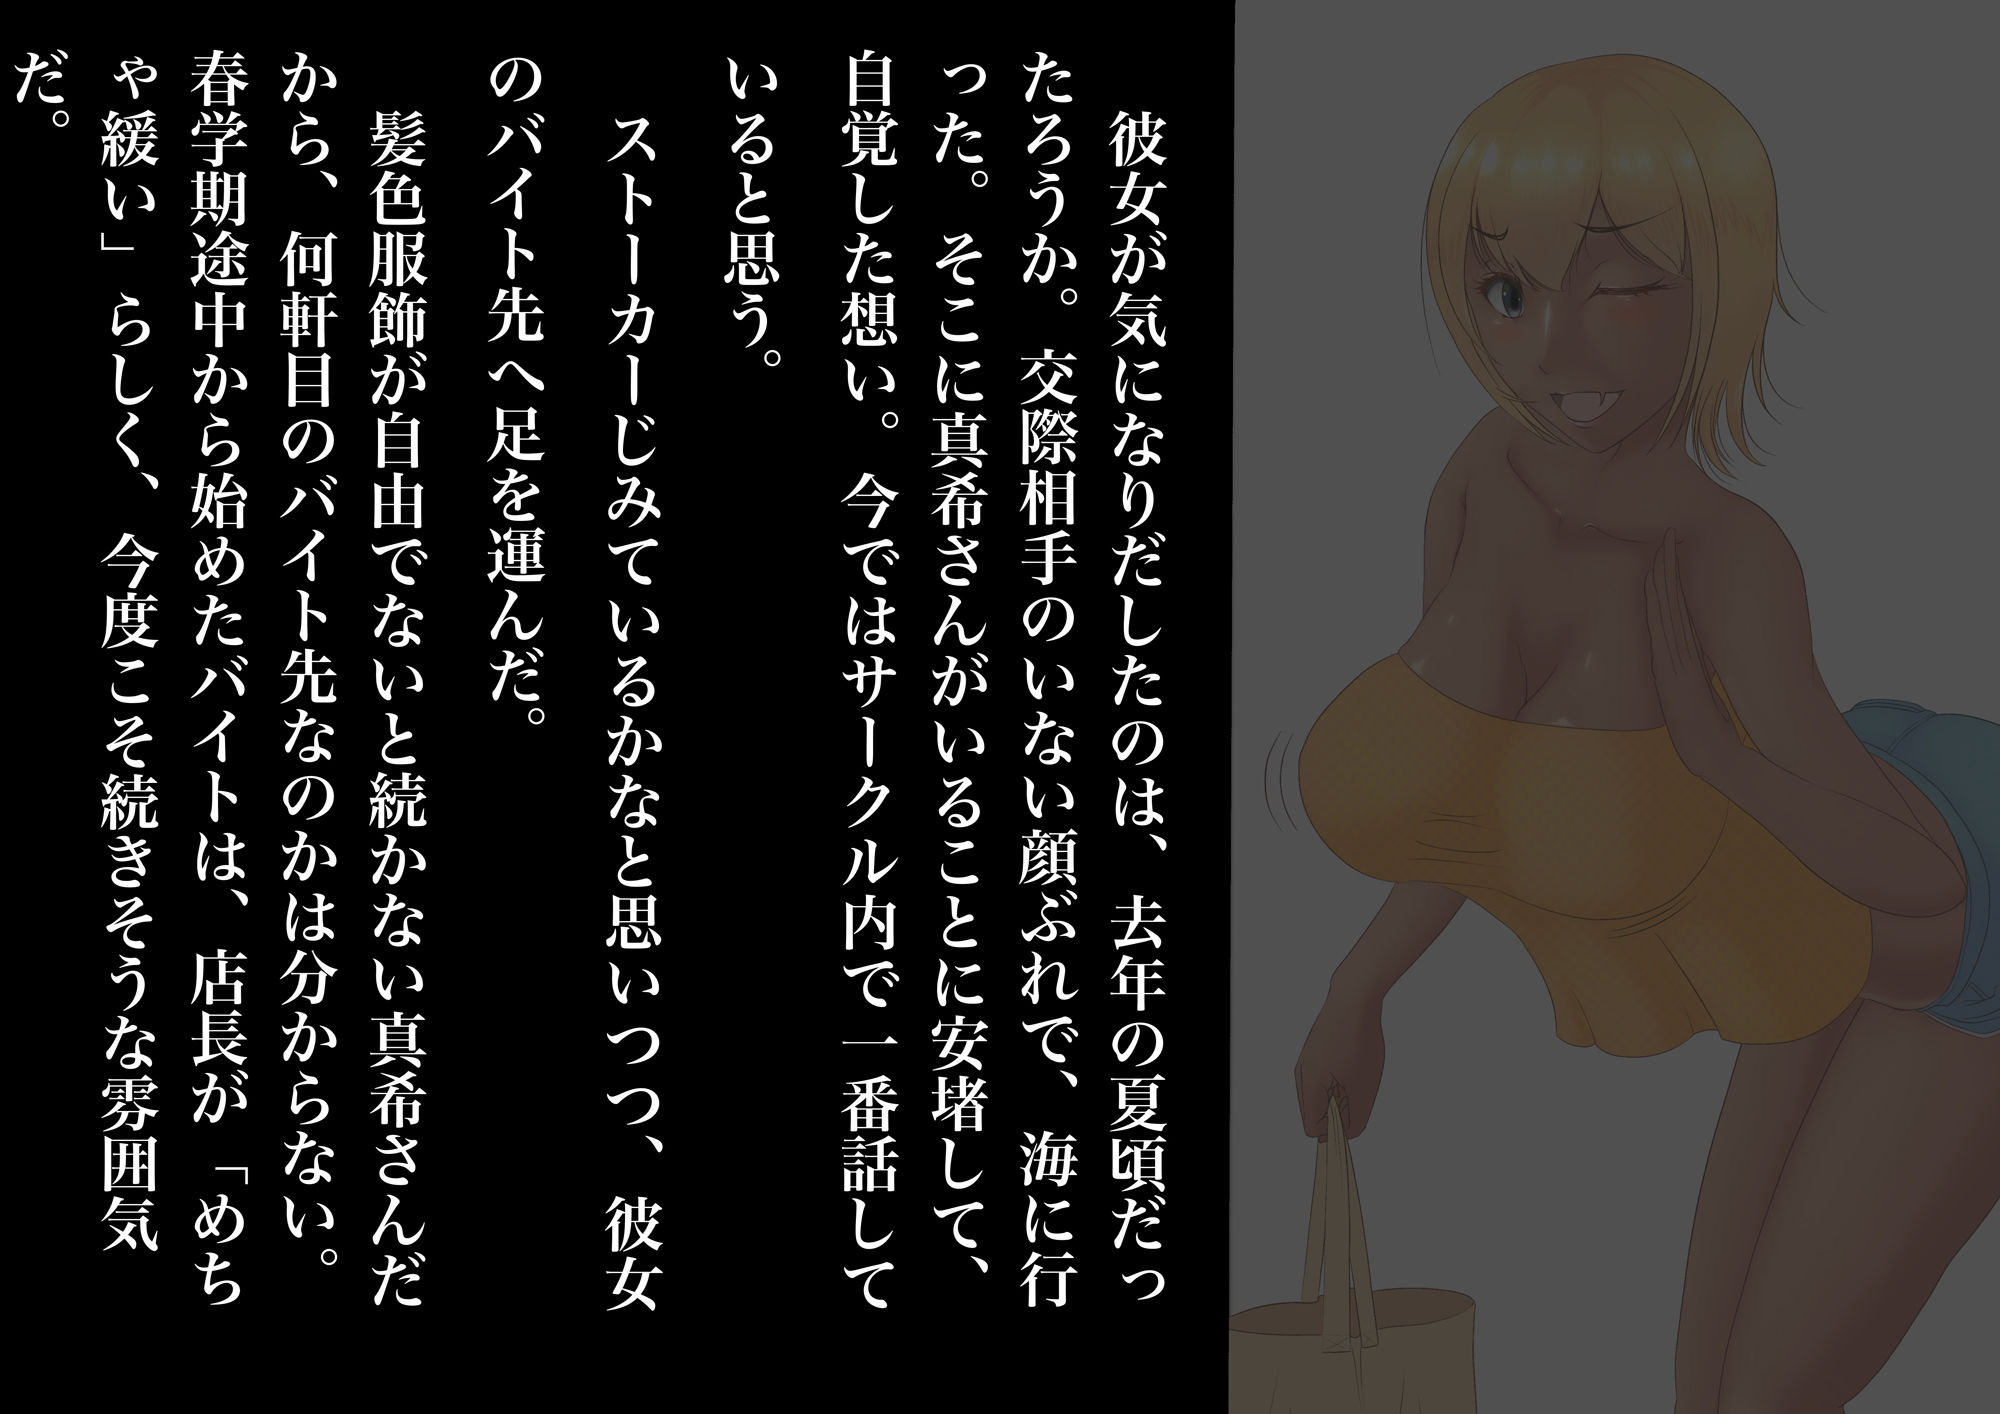 BSS2〜鬱〇起さえおこがましい?〜